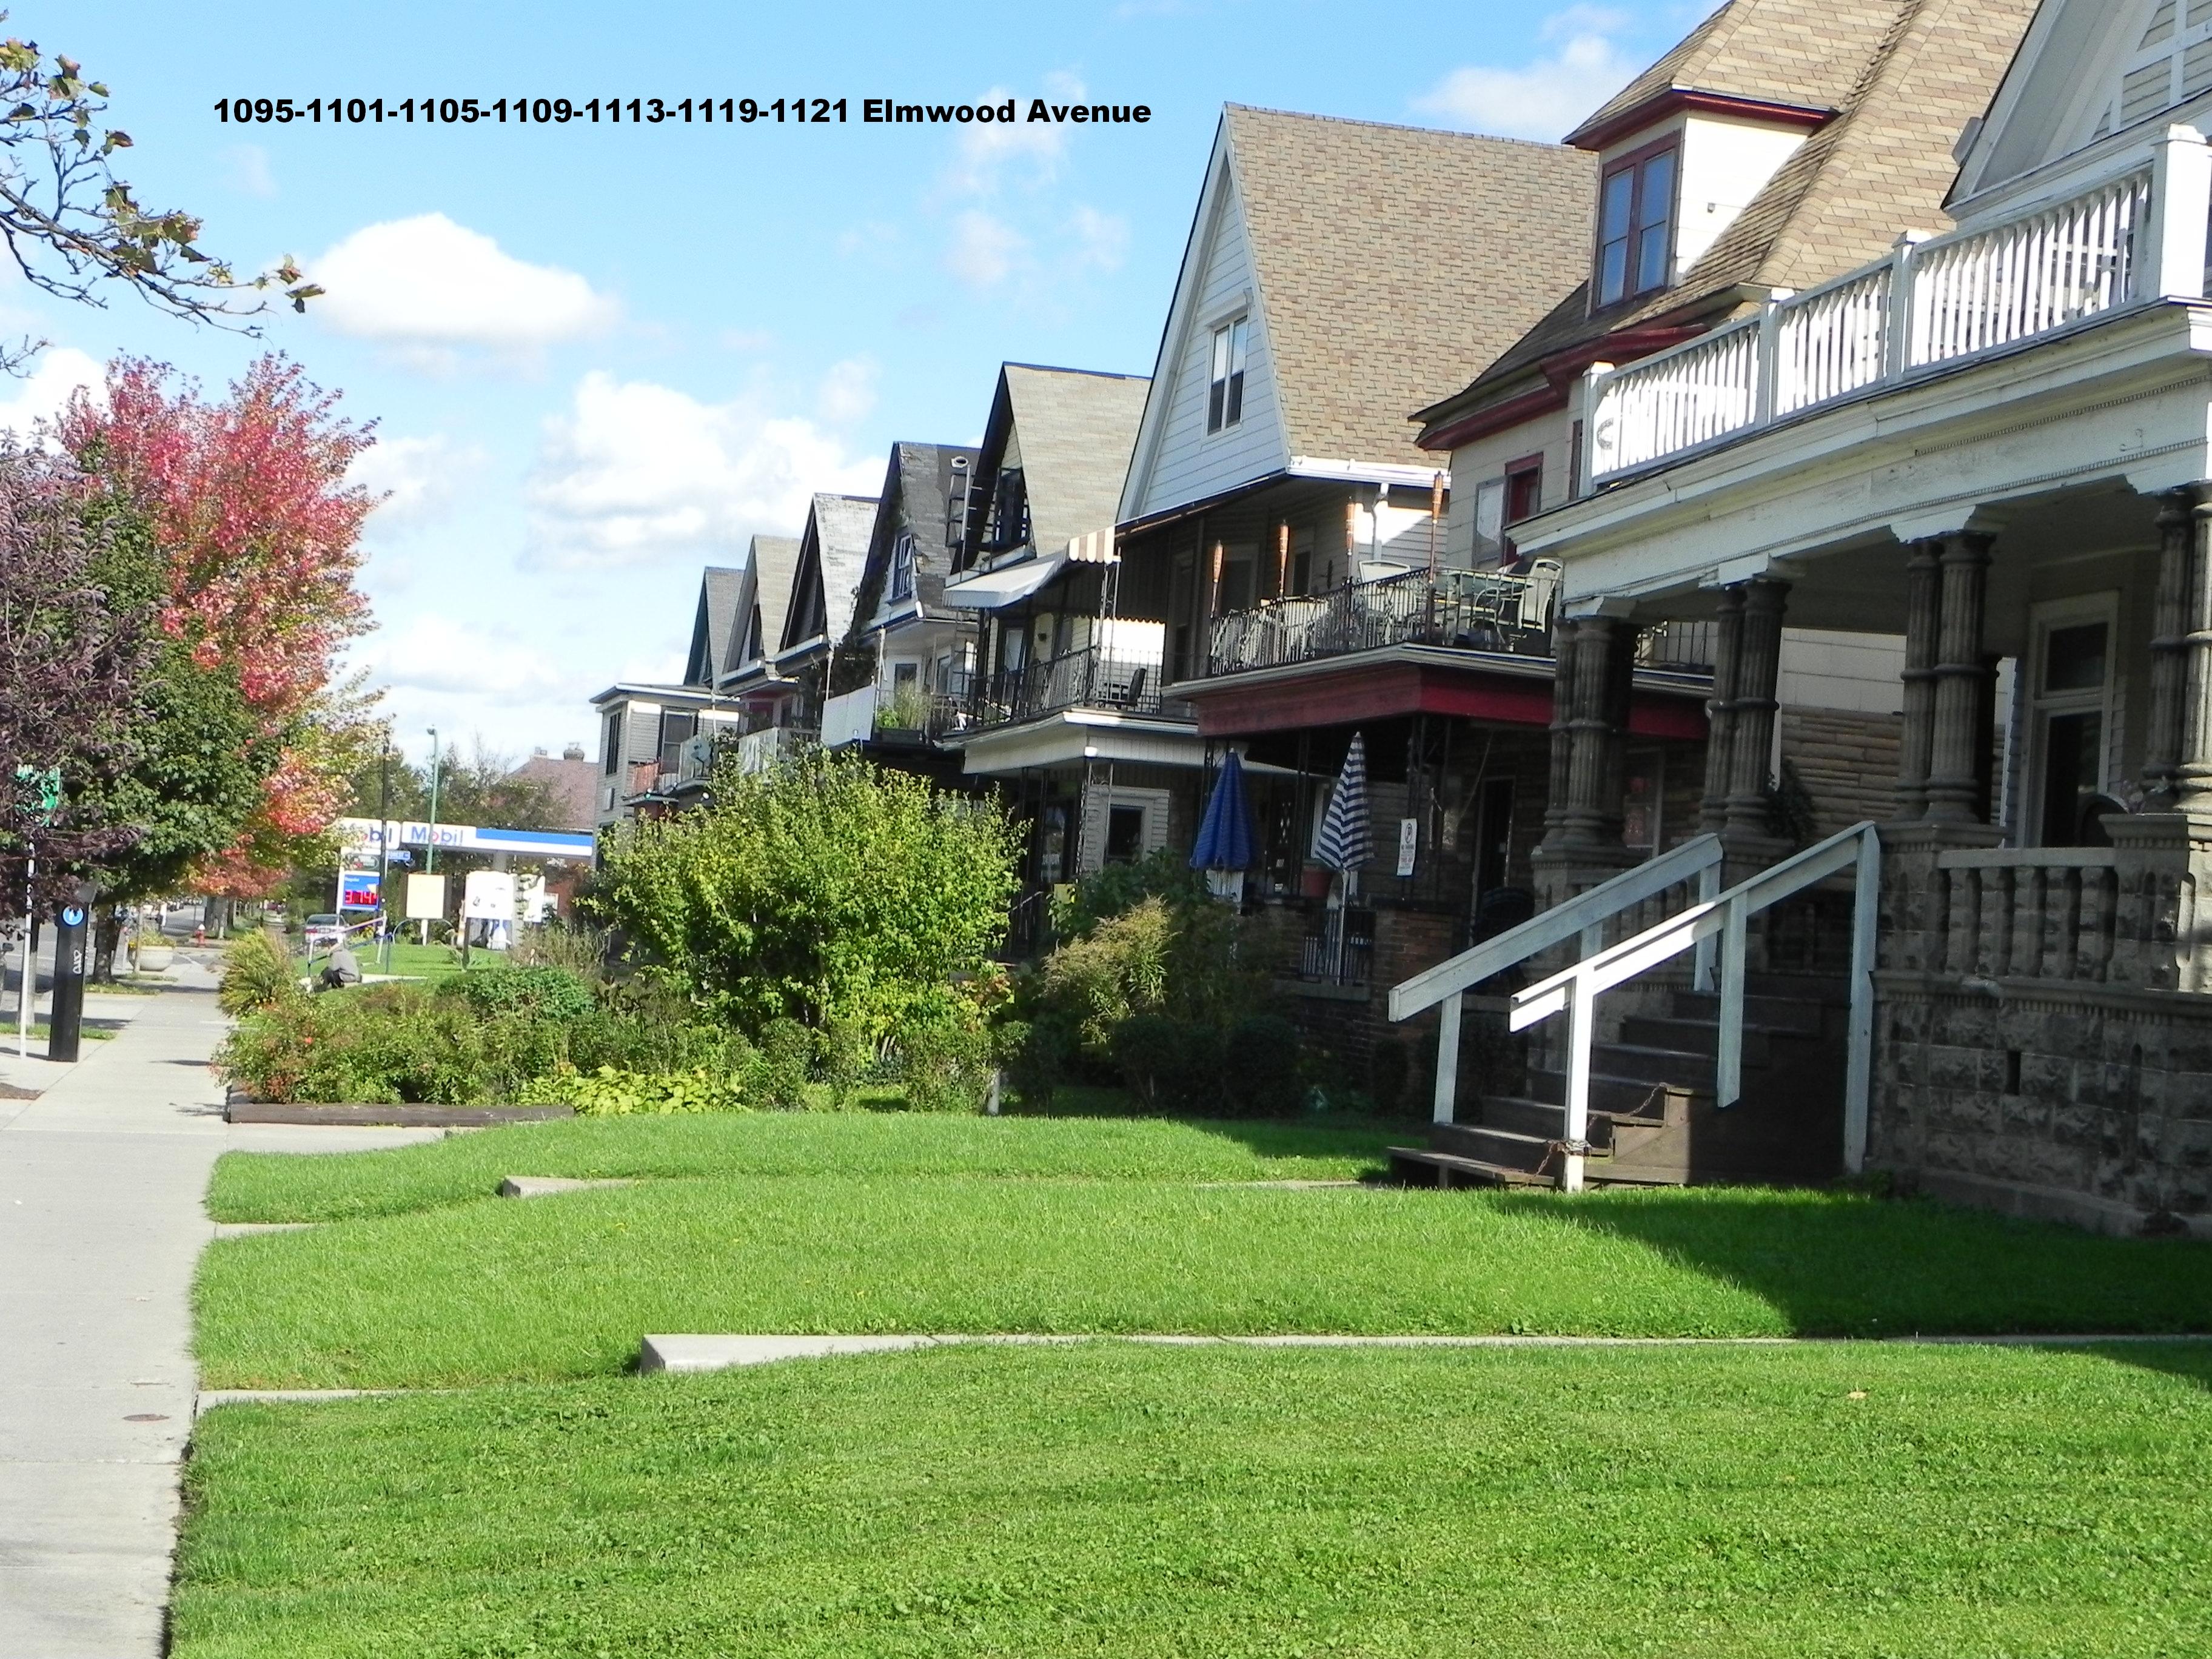 Exh 76 - Front yards 1095-1121 Elmwood